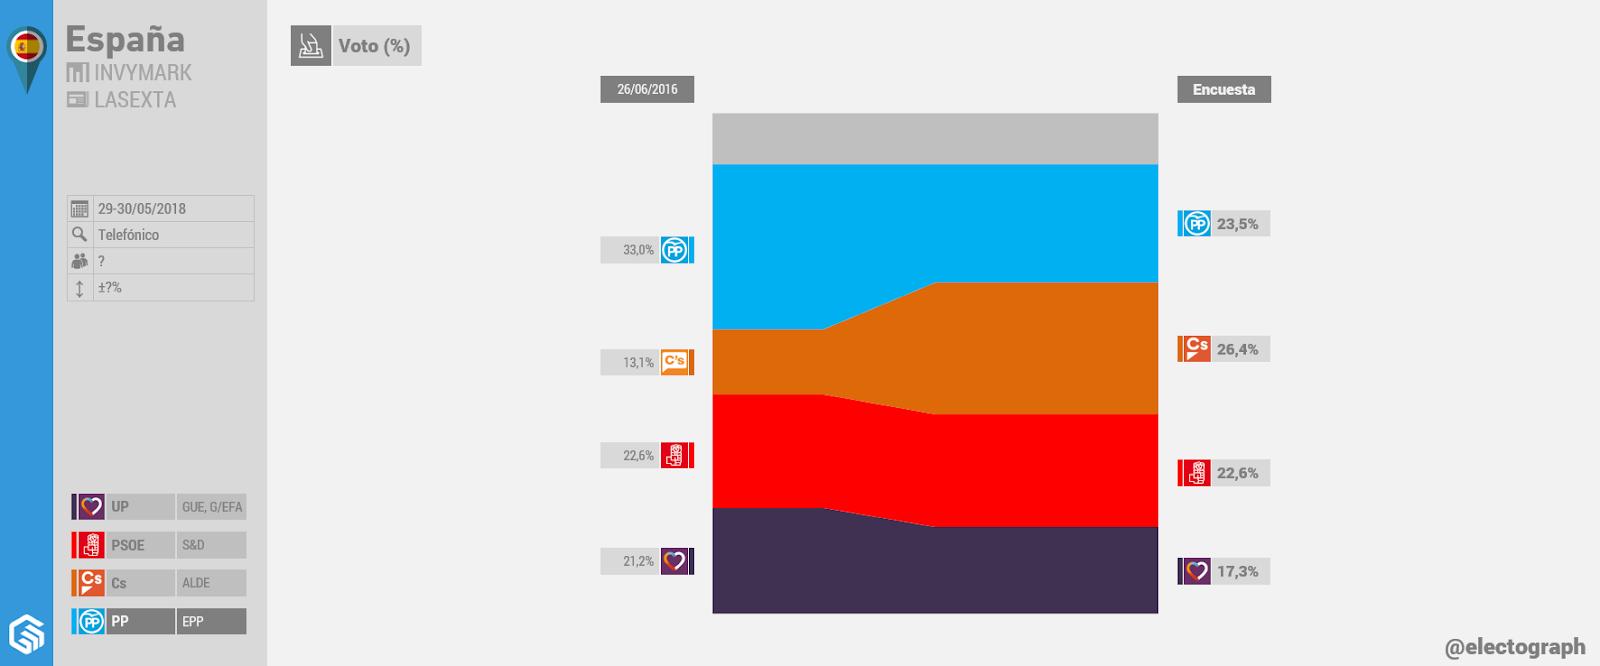 Gráfico de la encuesta para elecciones generales en España realizada por Invymark para LaSexta en mayo de 2018